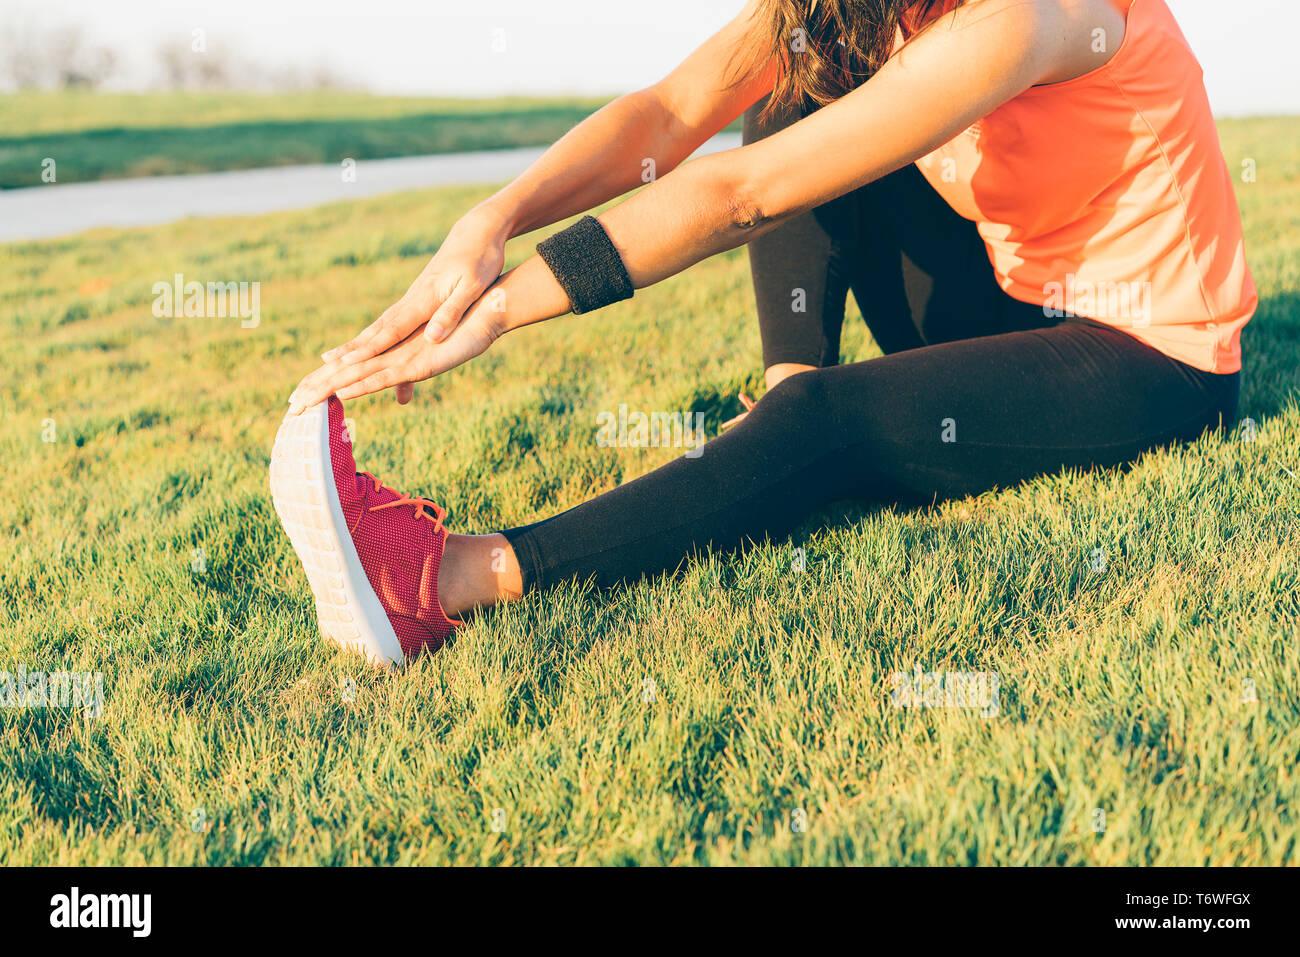 Mujer joven corredora estirar las piernas antes de ejecutar en un parque. Cerrar el Athletic y saludable niña vestidos de blanco y rosa sneakers. Foto de stock